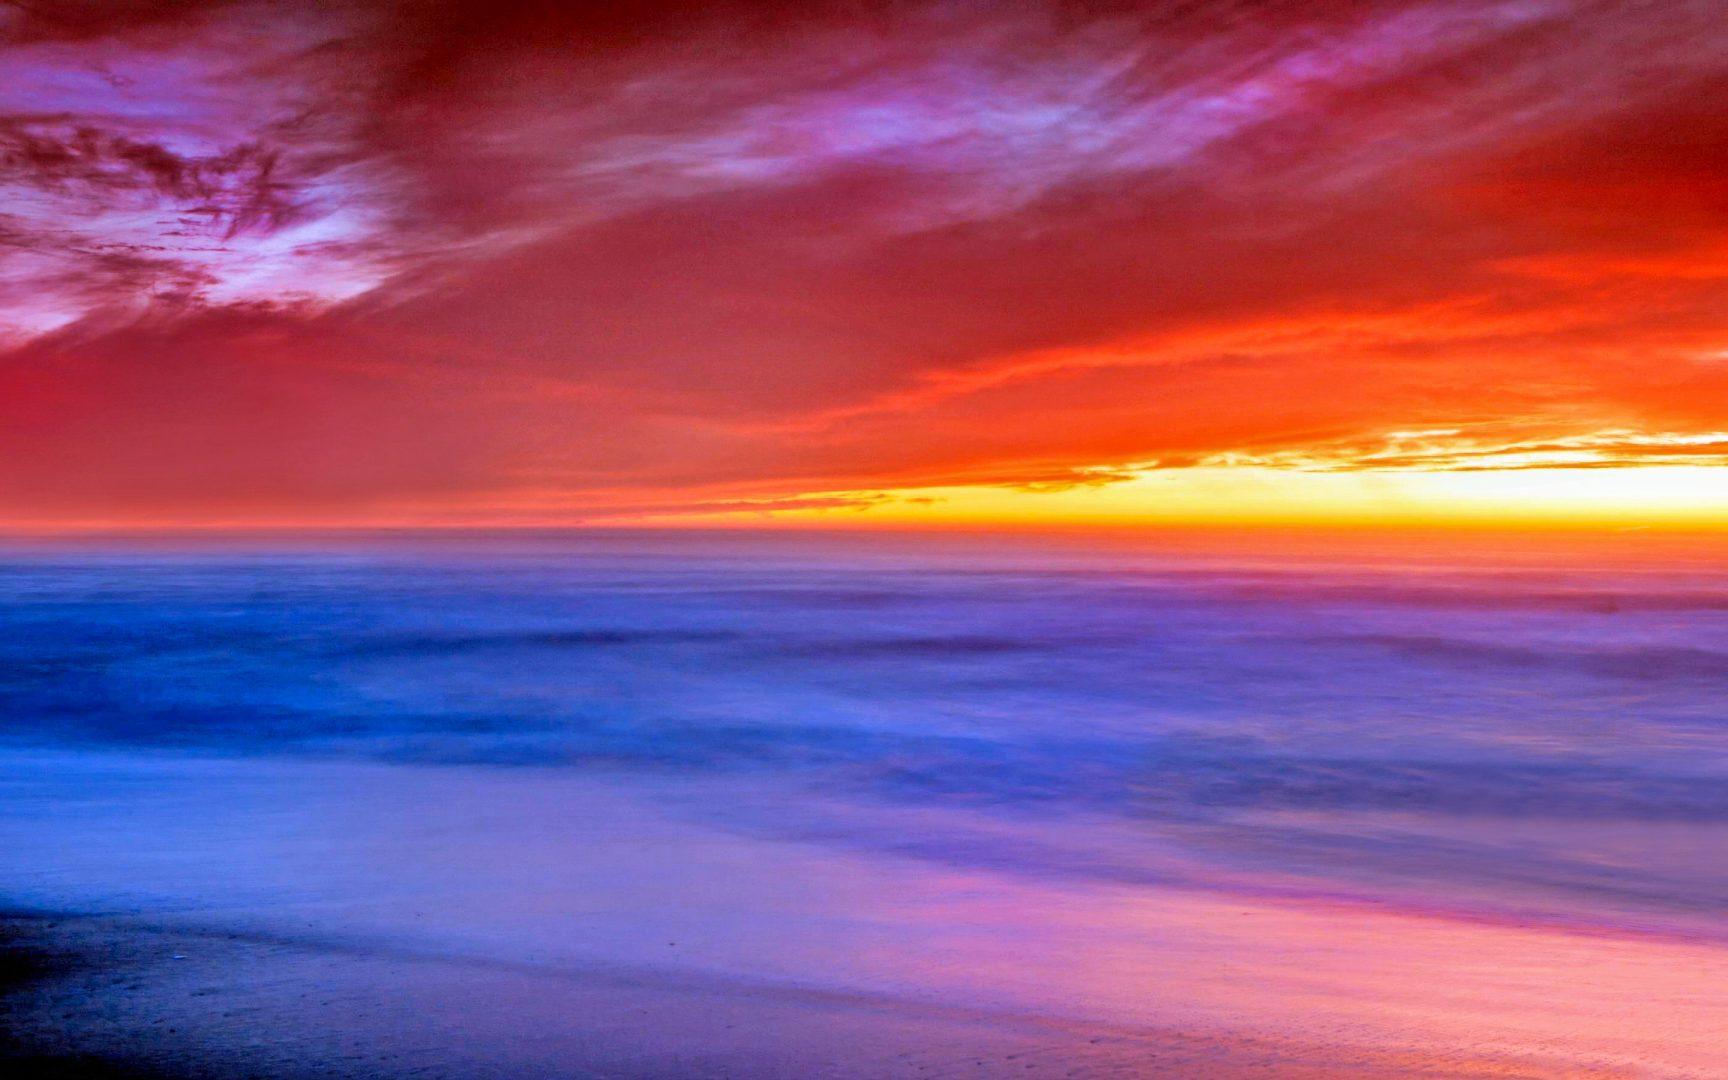 stunning hd sunset wallpapers 12034 - hdwpro